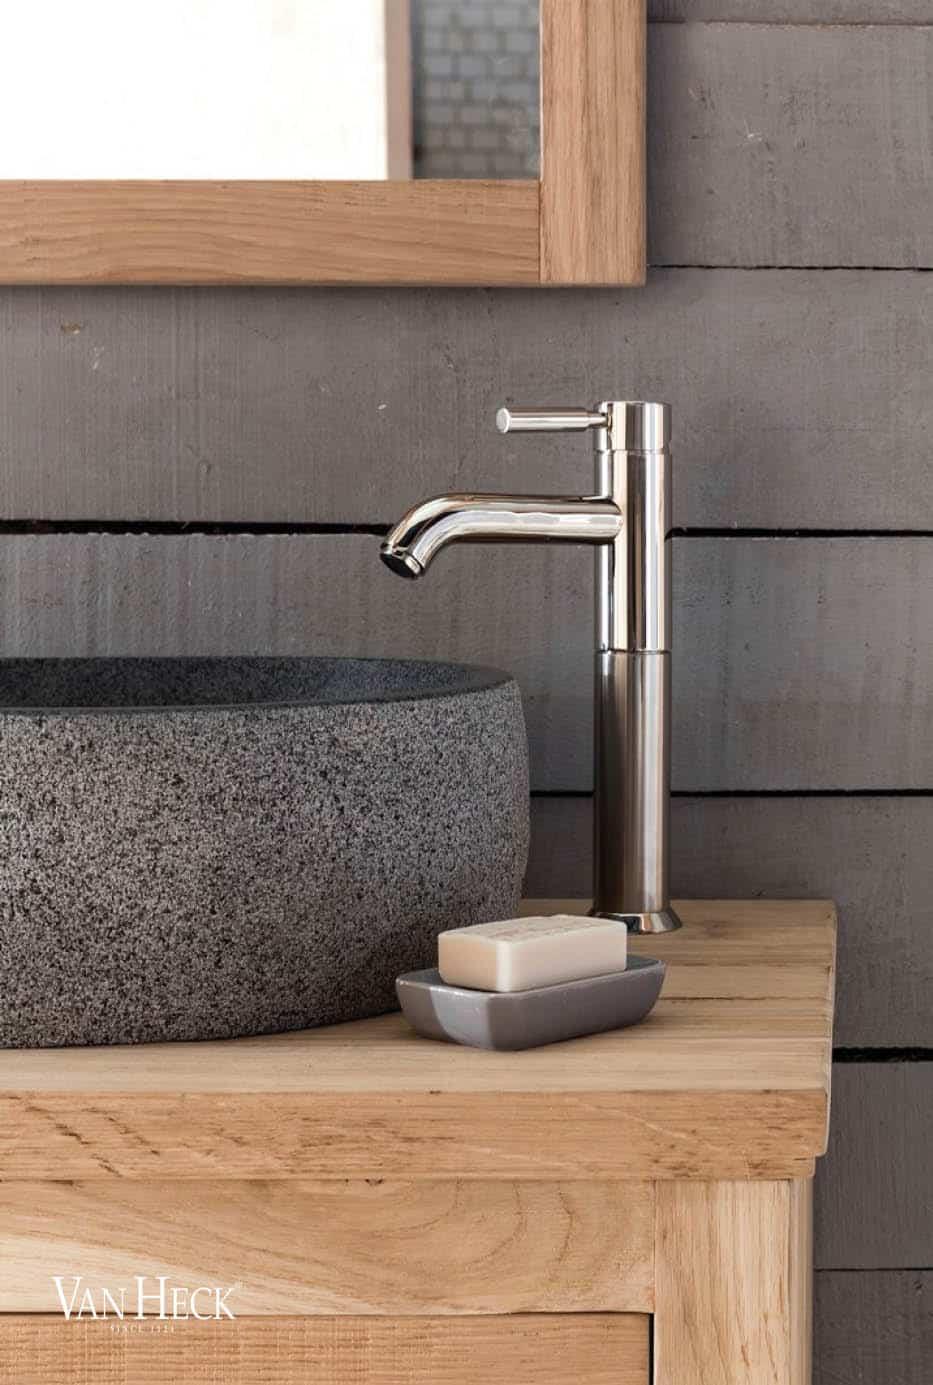 eiken badkamermeubel met een natuurstenen waskom en een RVS kraan